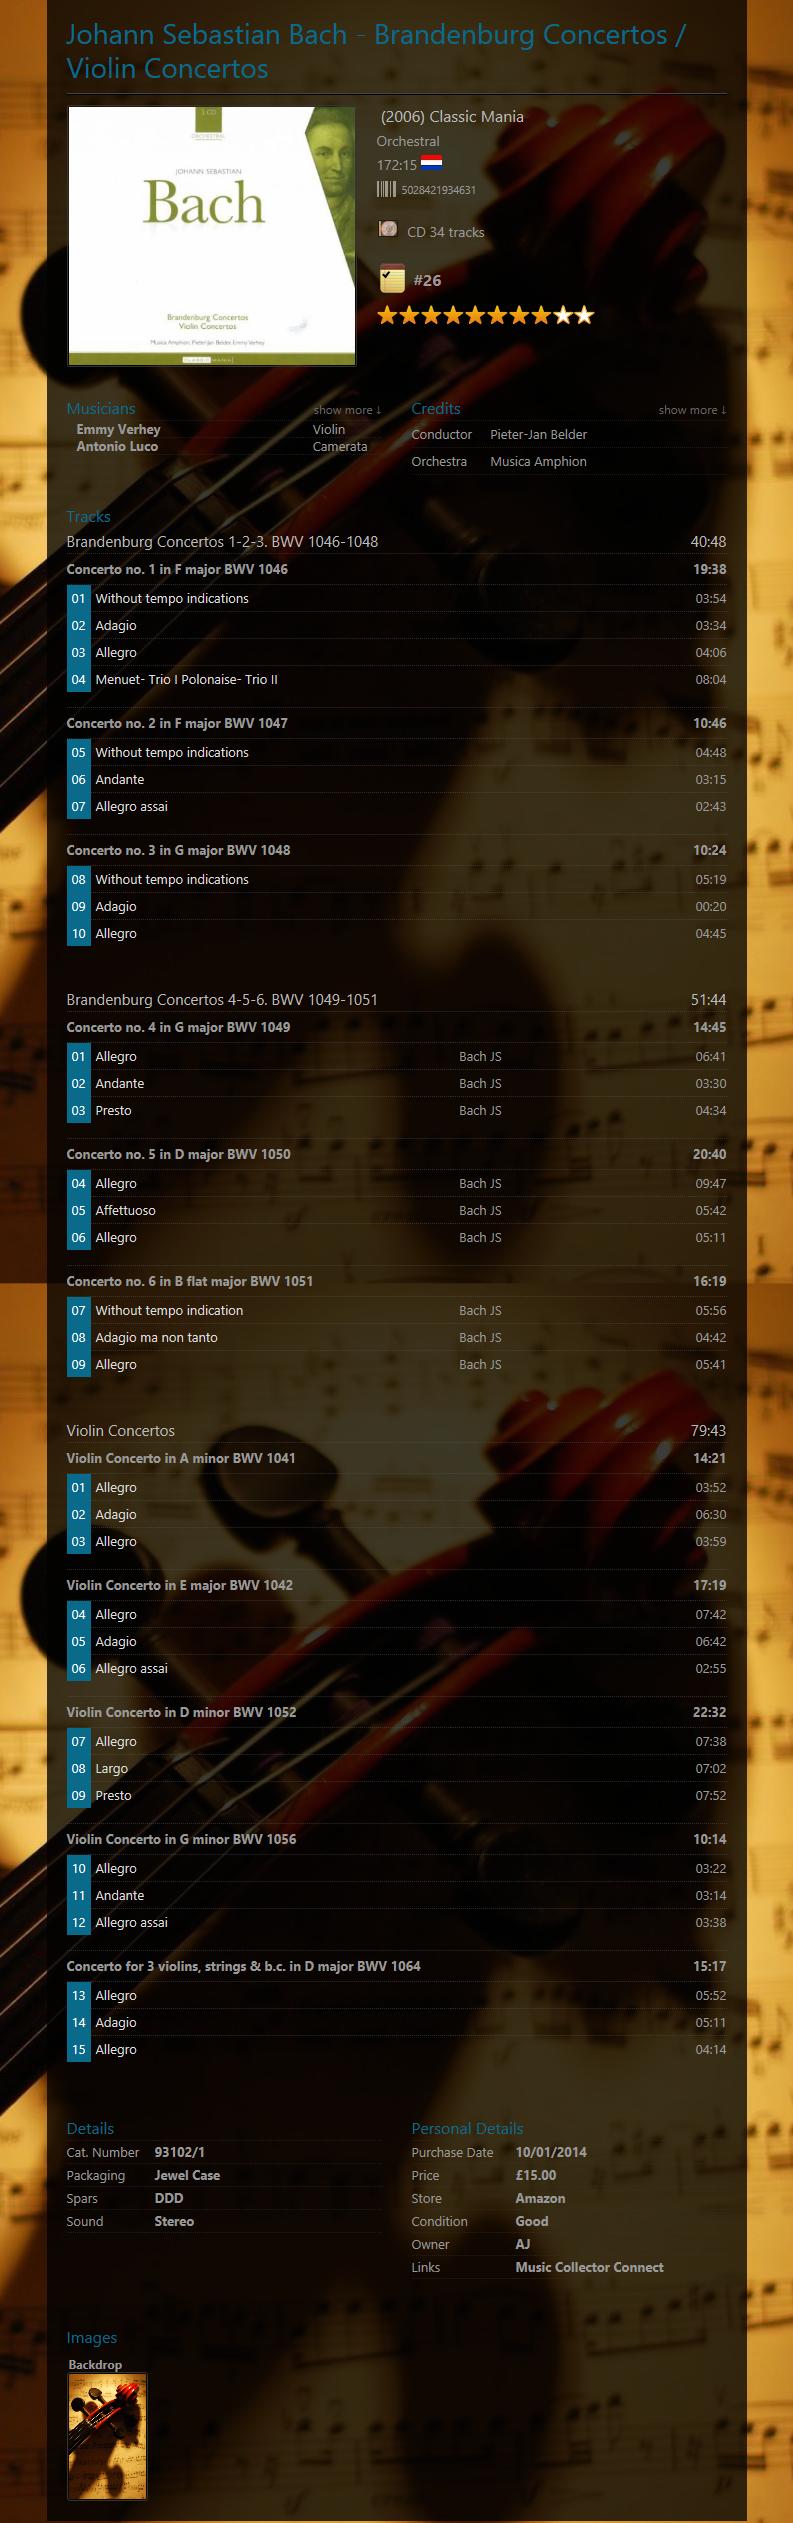 Cataloging Classical Music